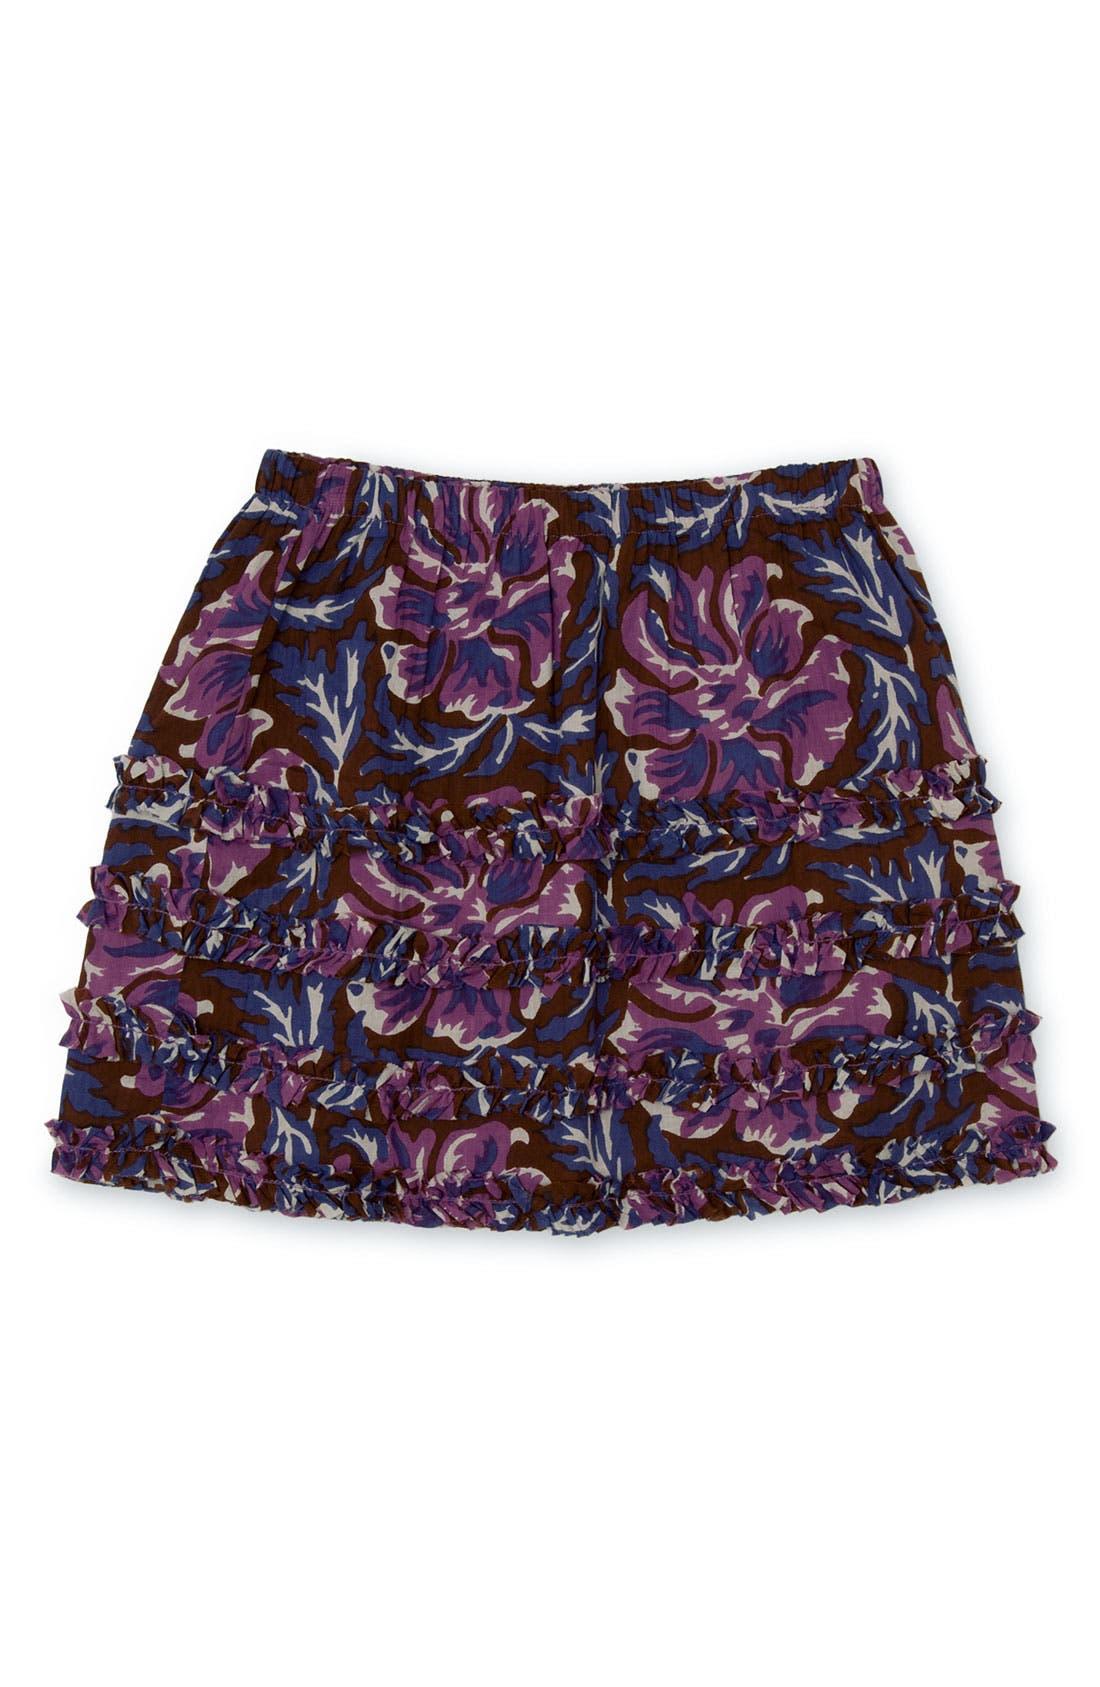 Alternate Image 1 Selected - Peek 'Anna' Skirt (Toddler)